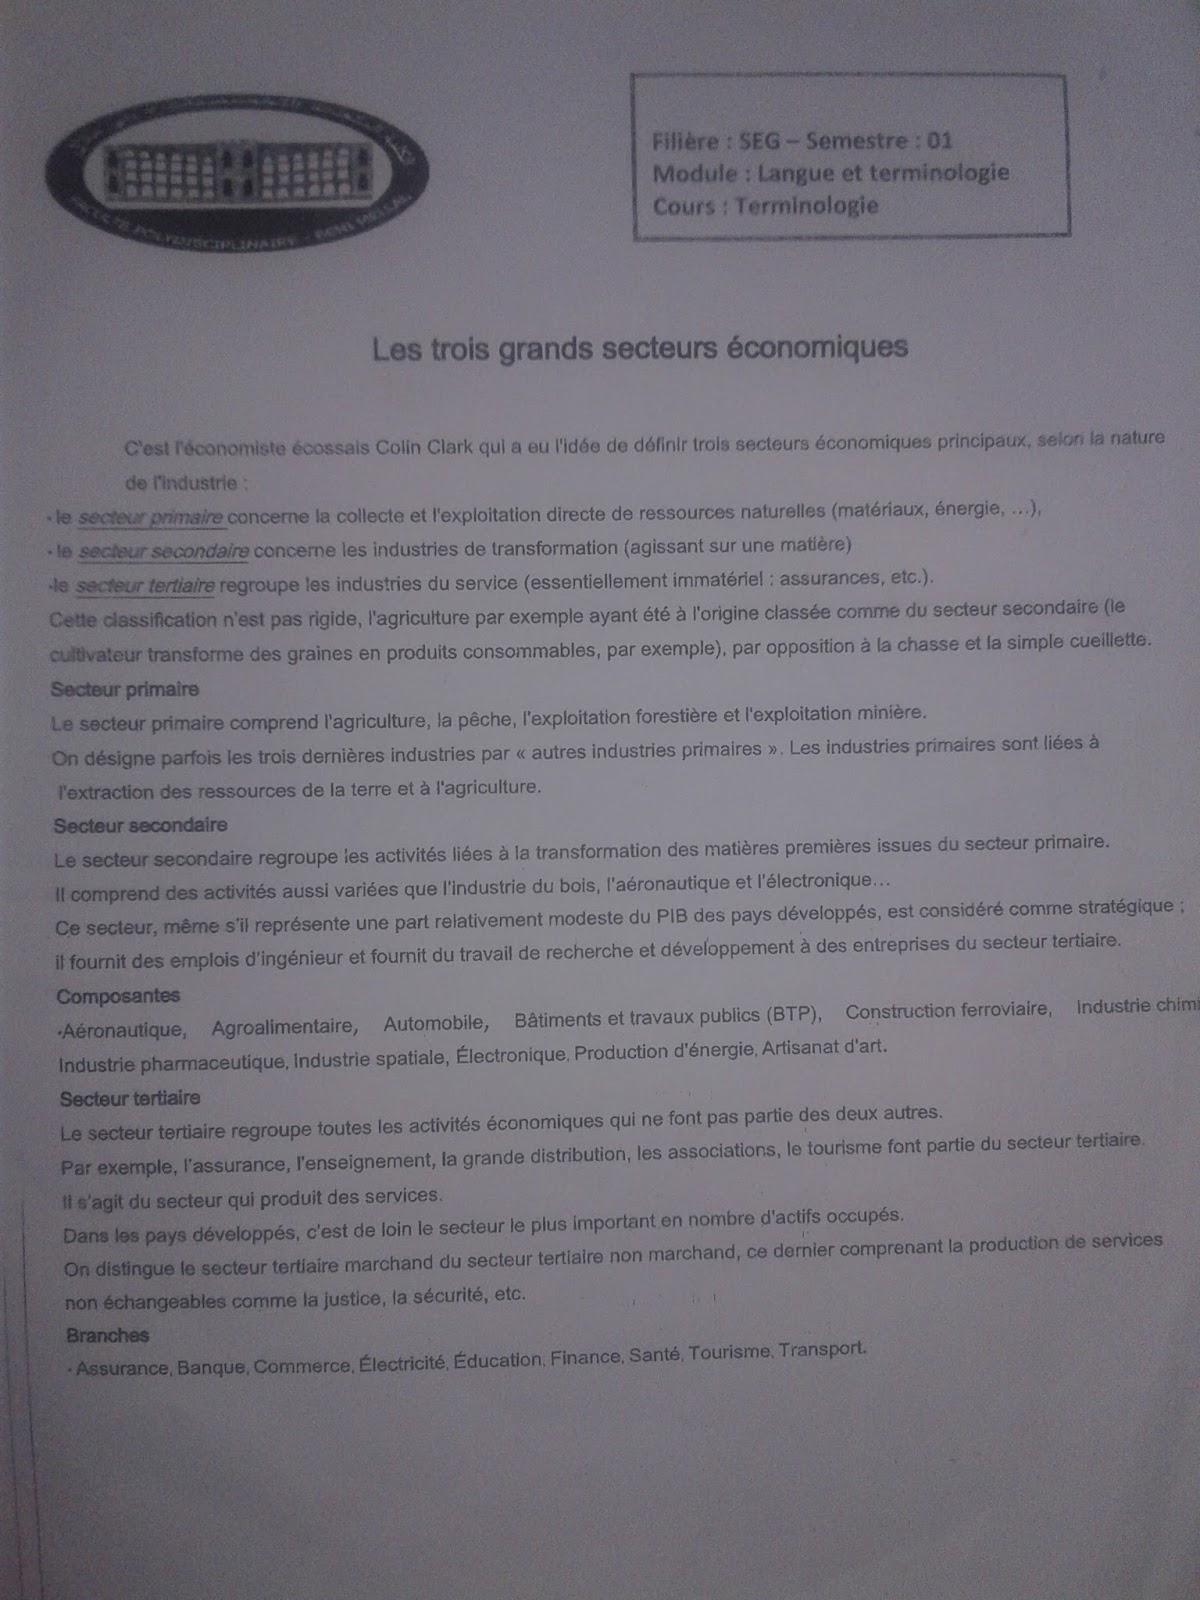 exercices de langues la phrase interrogative 1er partie, destinés aux étudiants de la 1ère année de licence en économie et gestion.